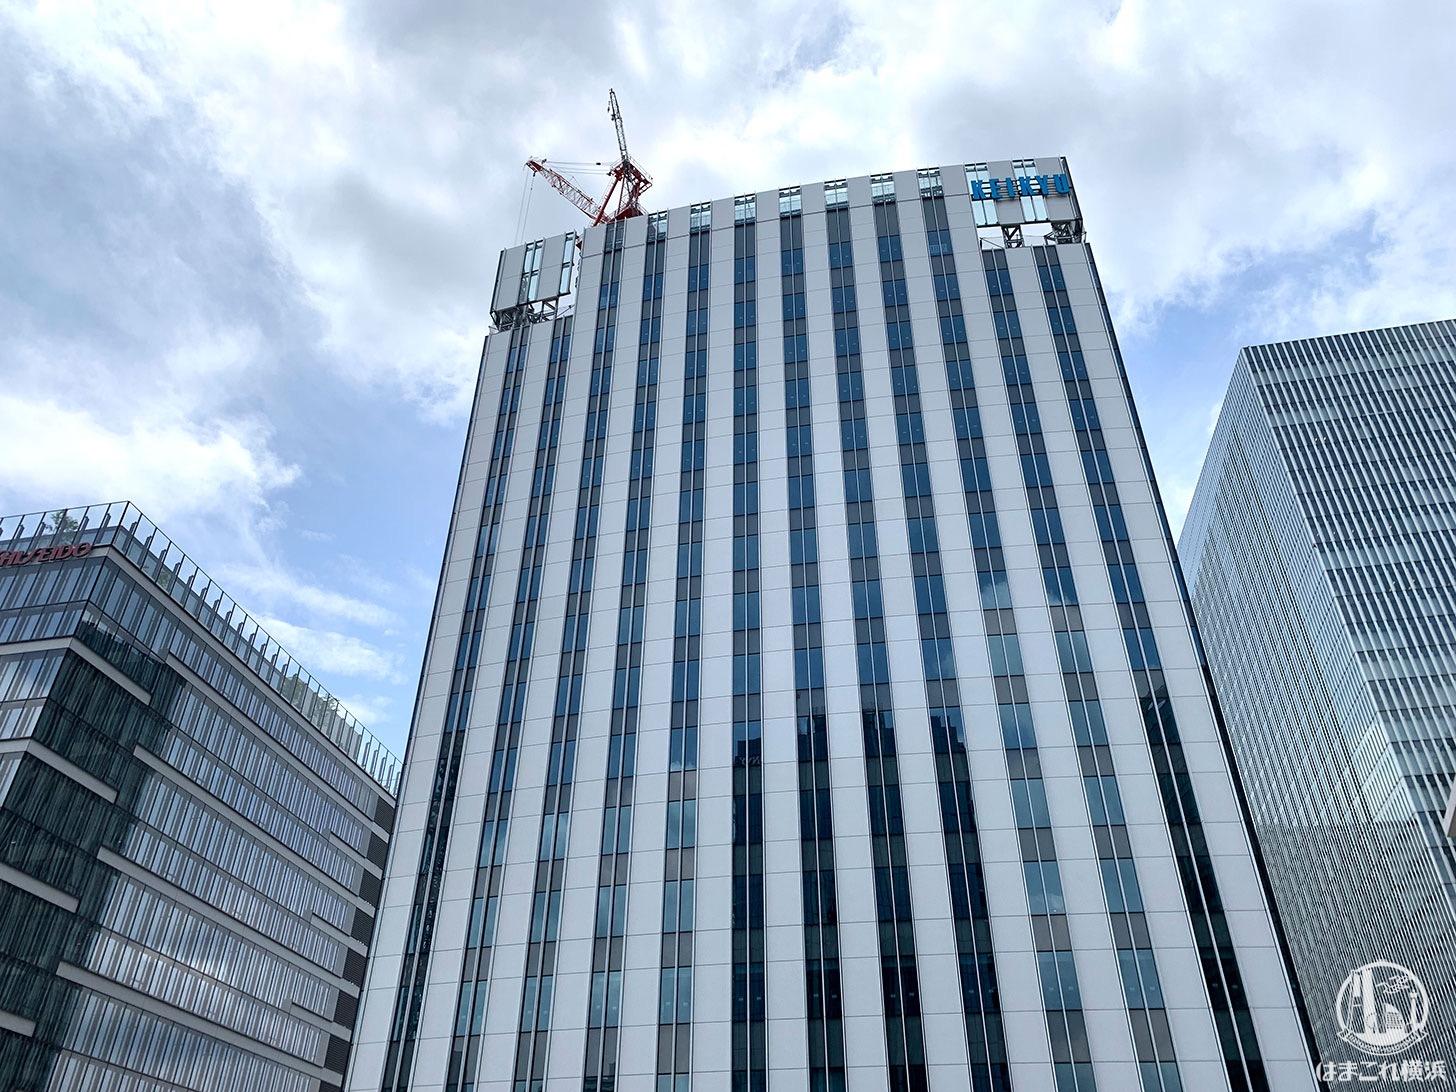 京急グループ本社、横浜みなとみらいに9月17日より順次、京急ミュージアム(仮称)併設